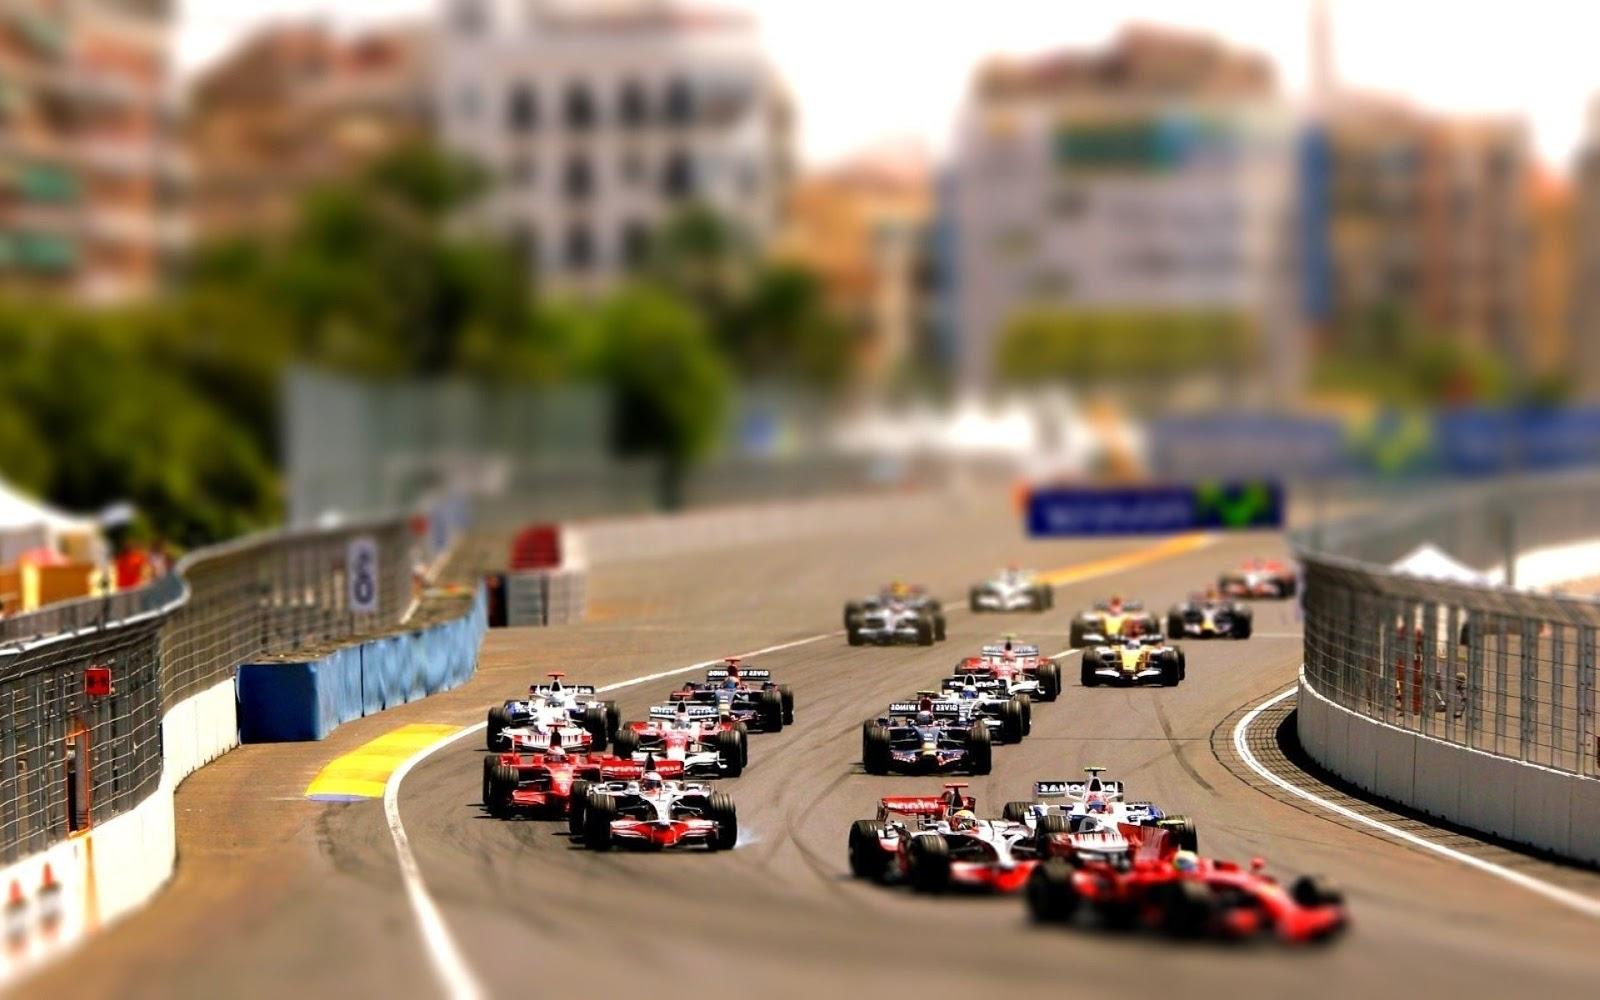 http://2.bp.blogspot.com/-vAY9ZpaHfZ0/UKFGMutZ8dI/AAAAAAAAC5A/UM-2W26Tmto/s1600/2012-11-12-Formula-One-Wallpapers-01-(carwalls.blogspot.com).jpg